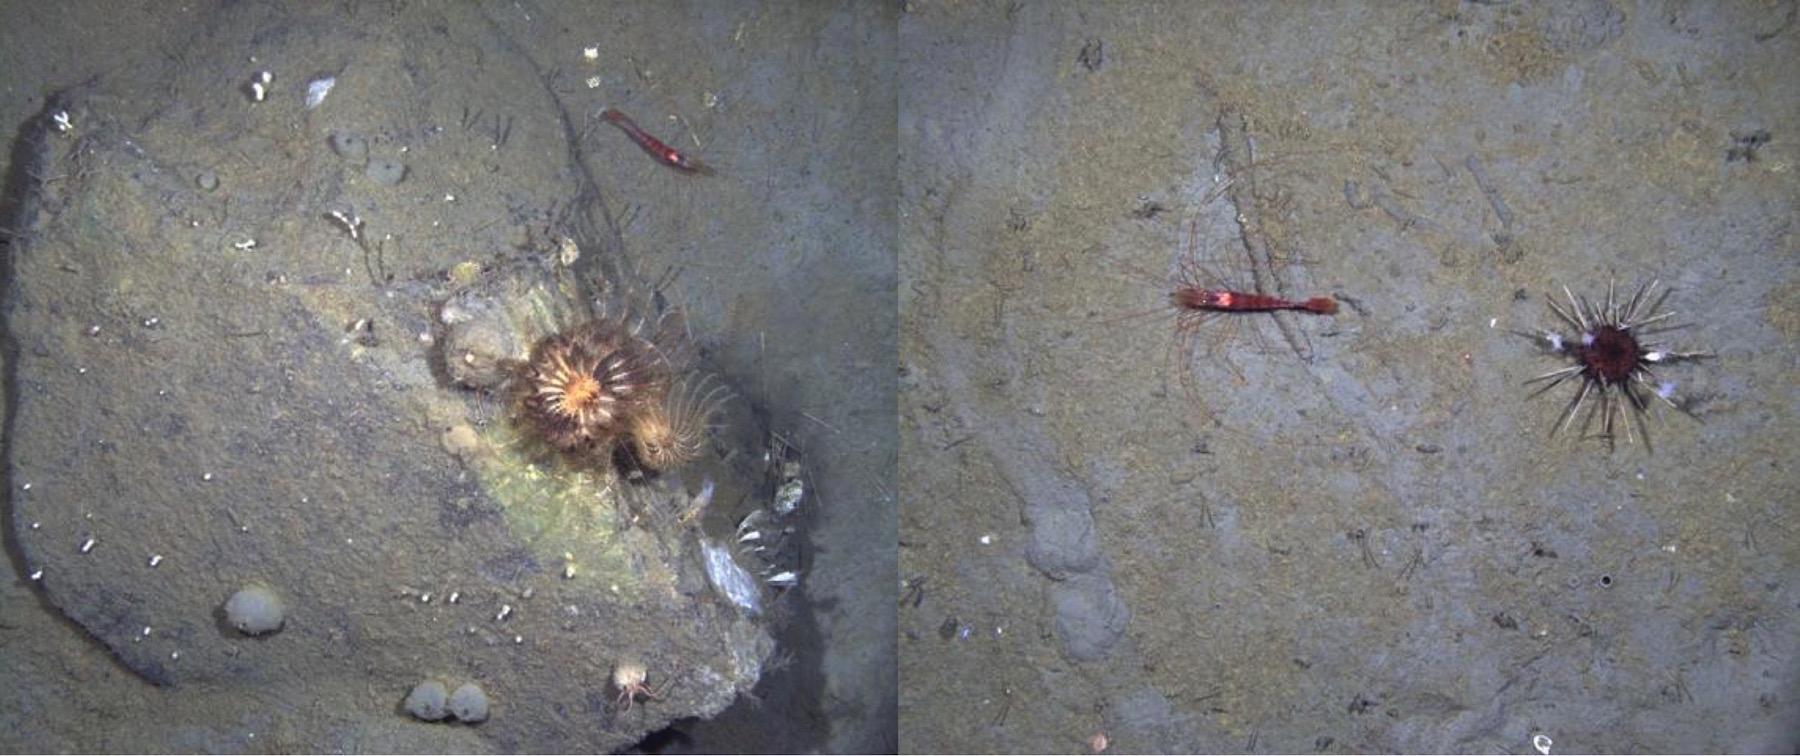 Antarctic sea floor images